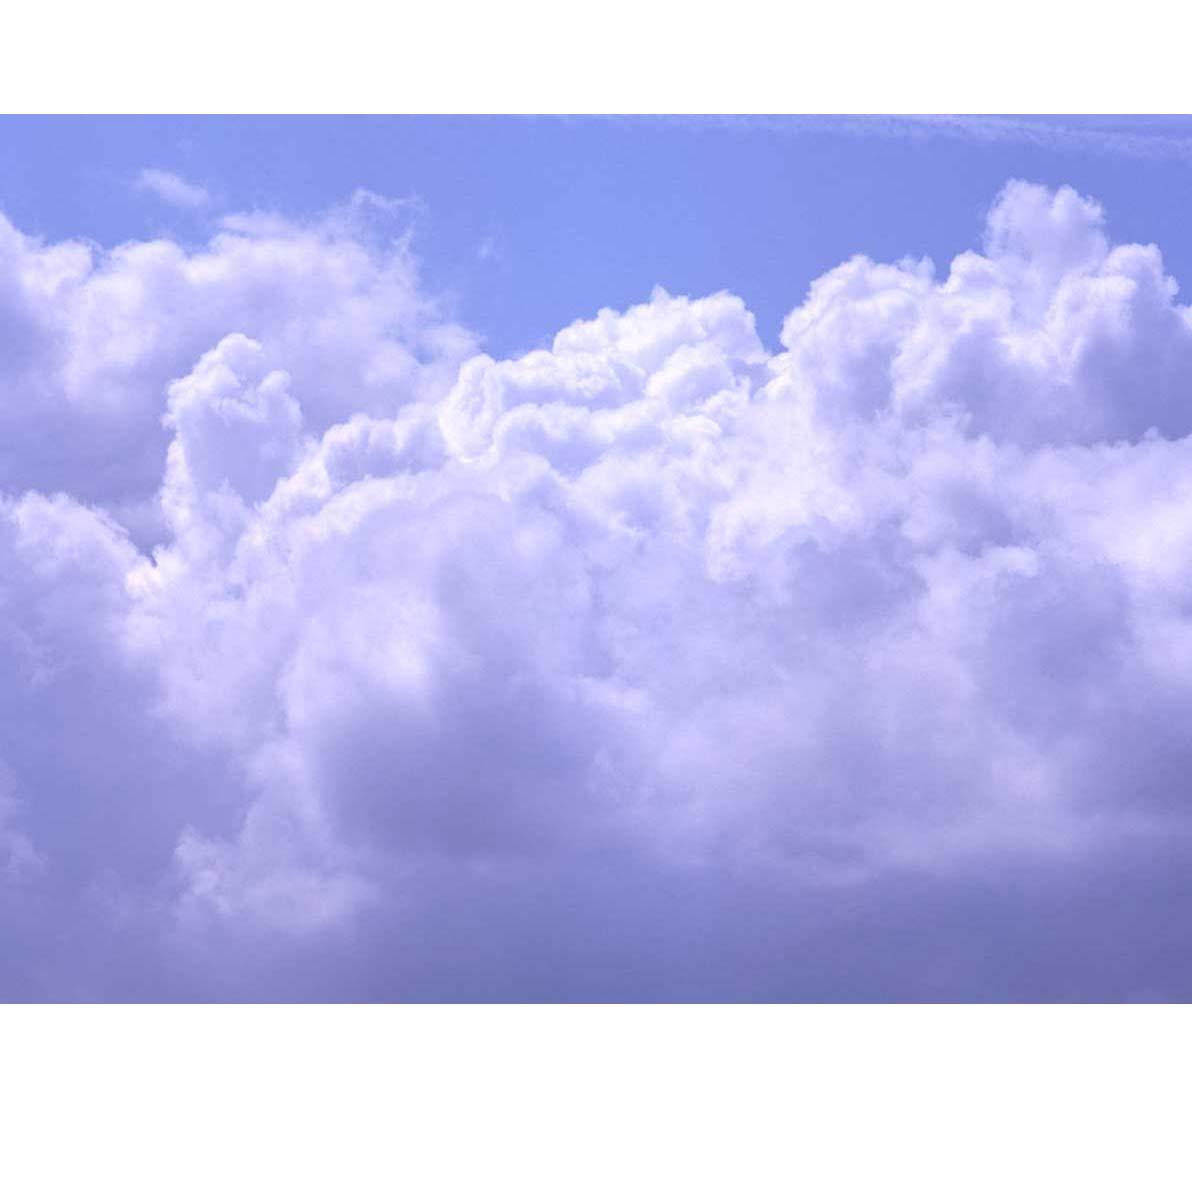 دانلود بک گراند آسمان ابری و نیمه ابری